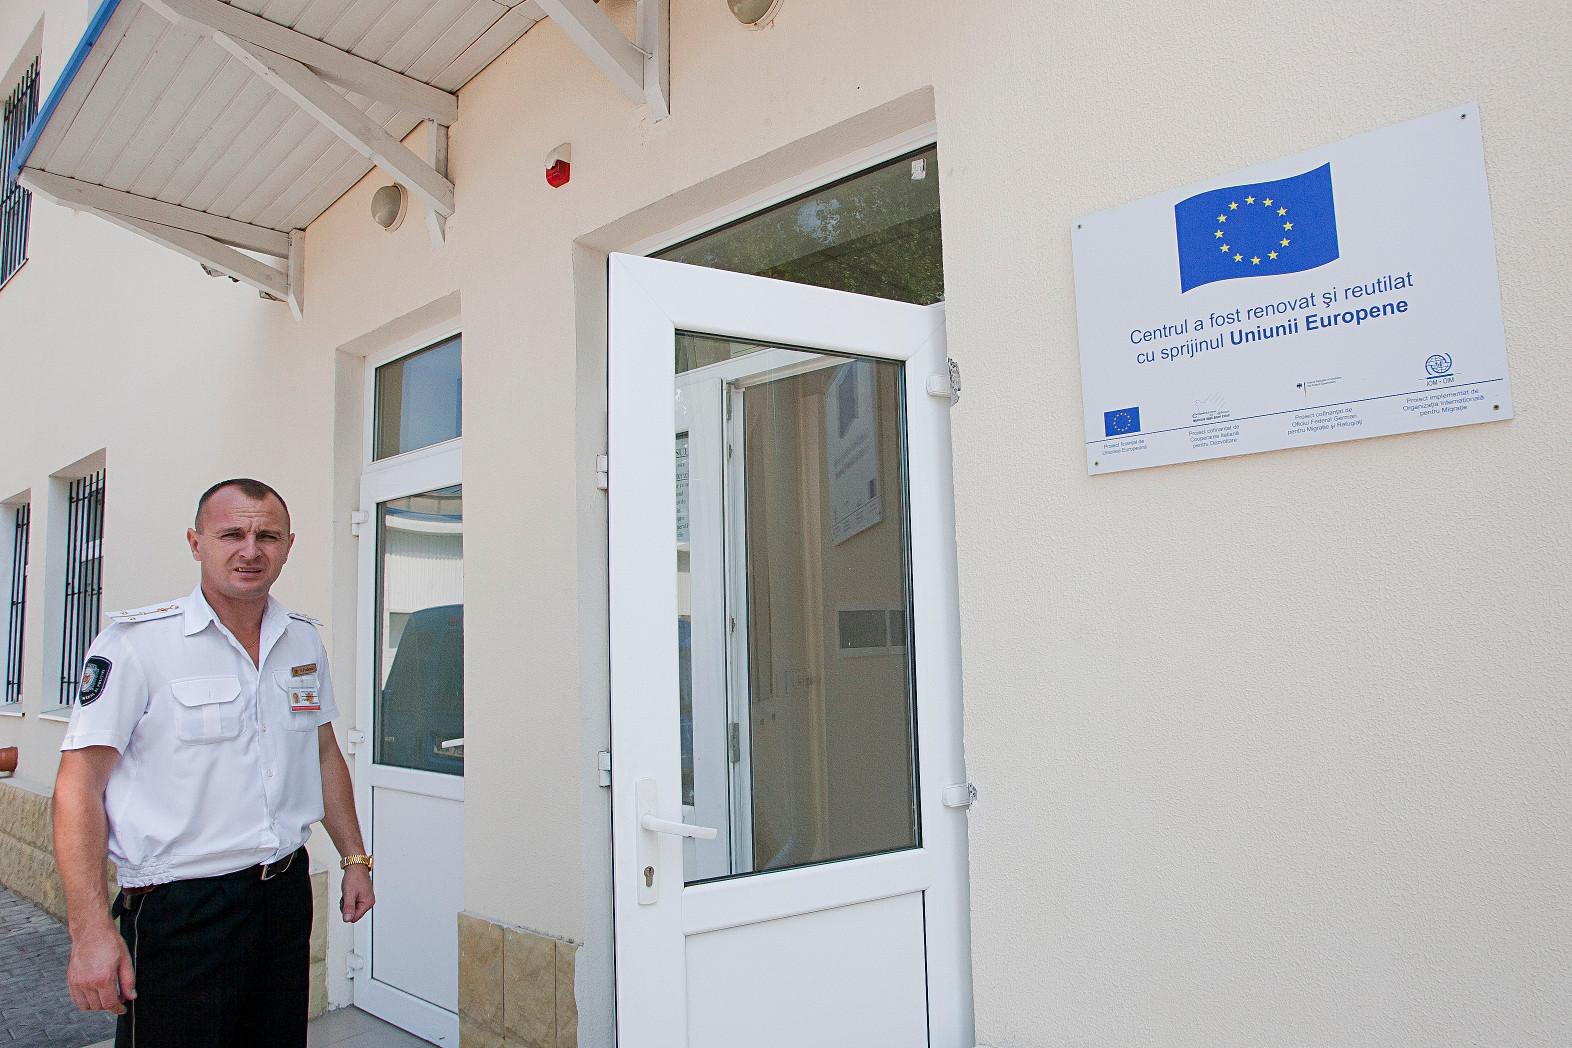 Migrant Accomodation Centre, Chișinău